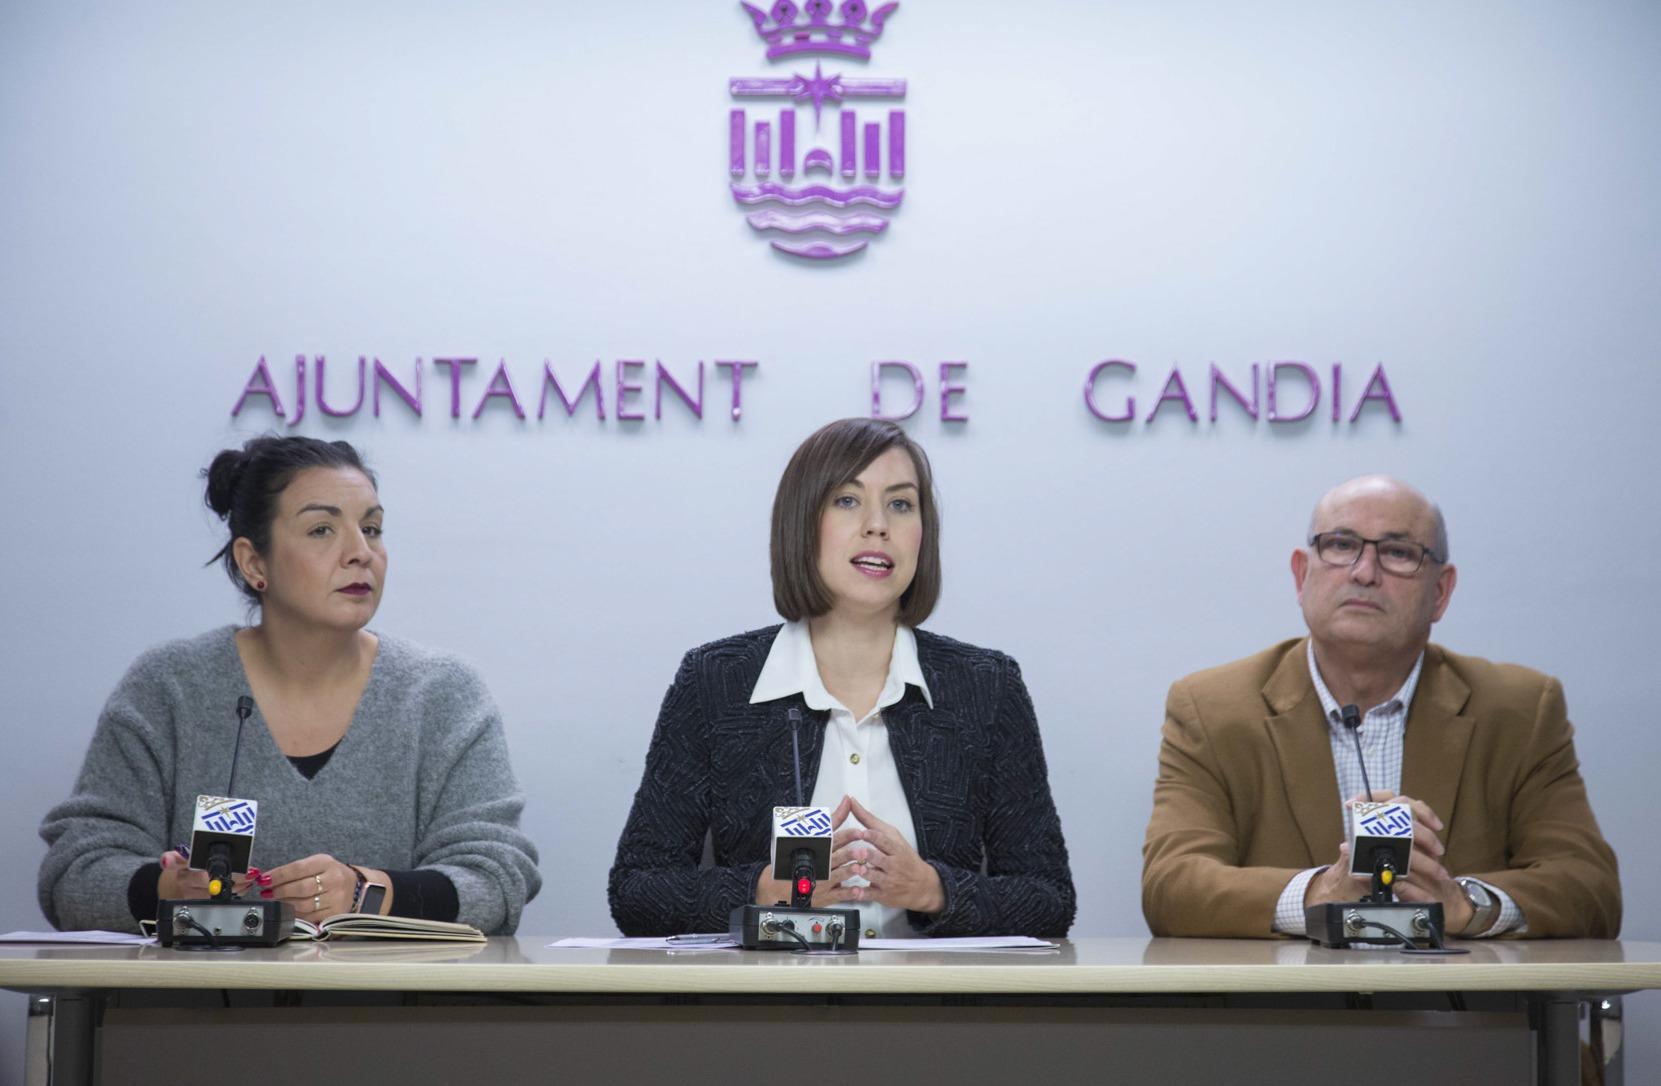 """El gobierno de Gandia cierra la empresa IPG la """"herramienta de enchufismo y gestión oscura del Partido Popular"""""""